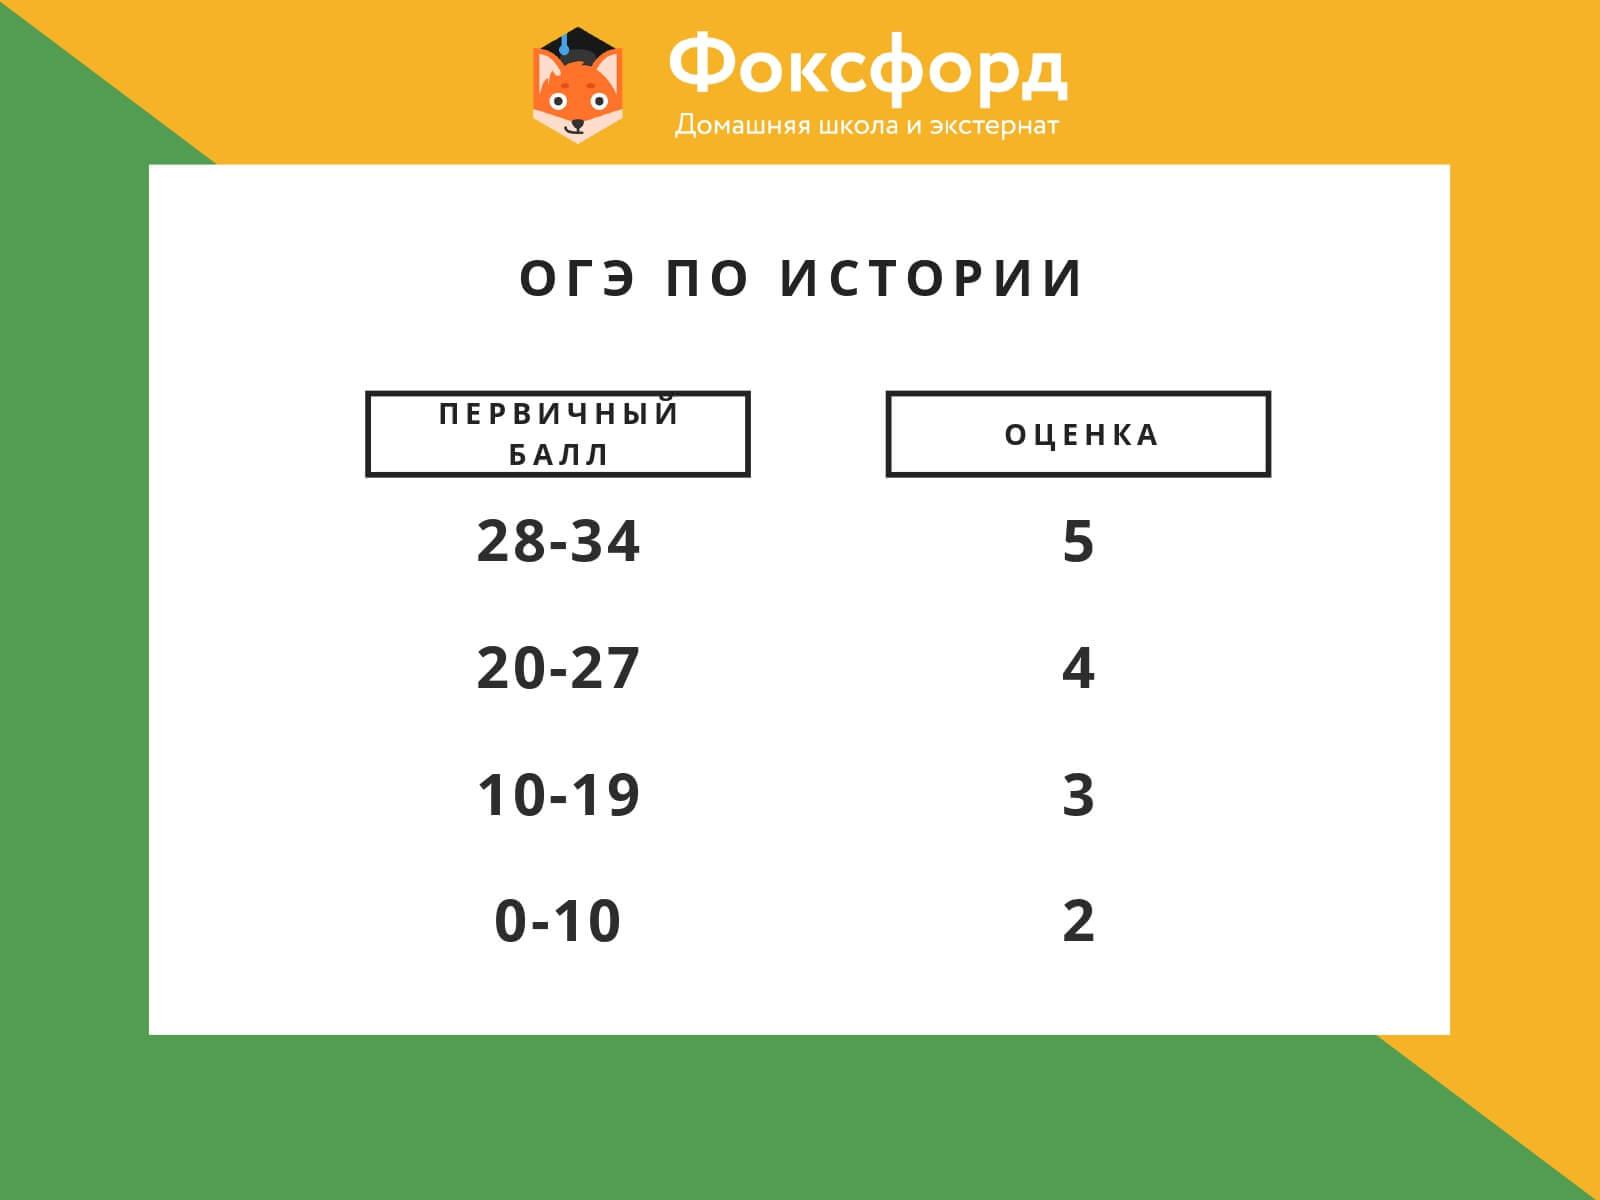 Перевод баллов ОГЭ по истории в оценку